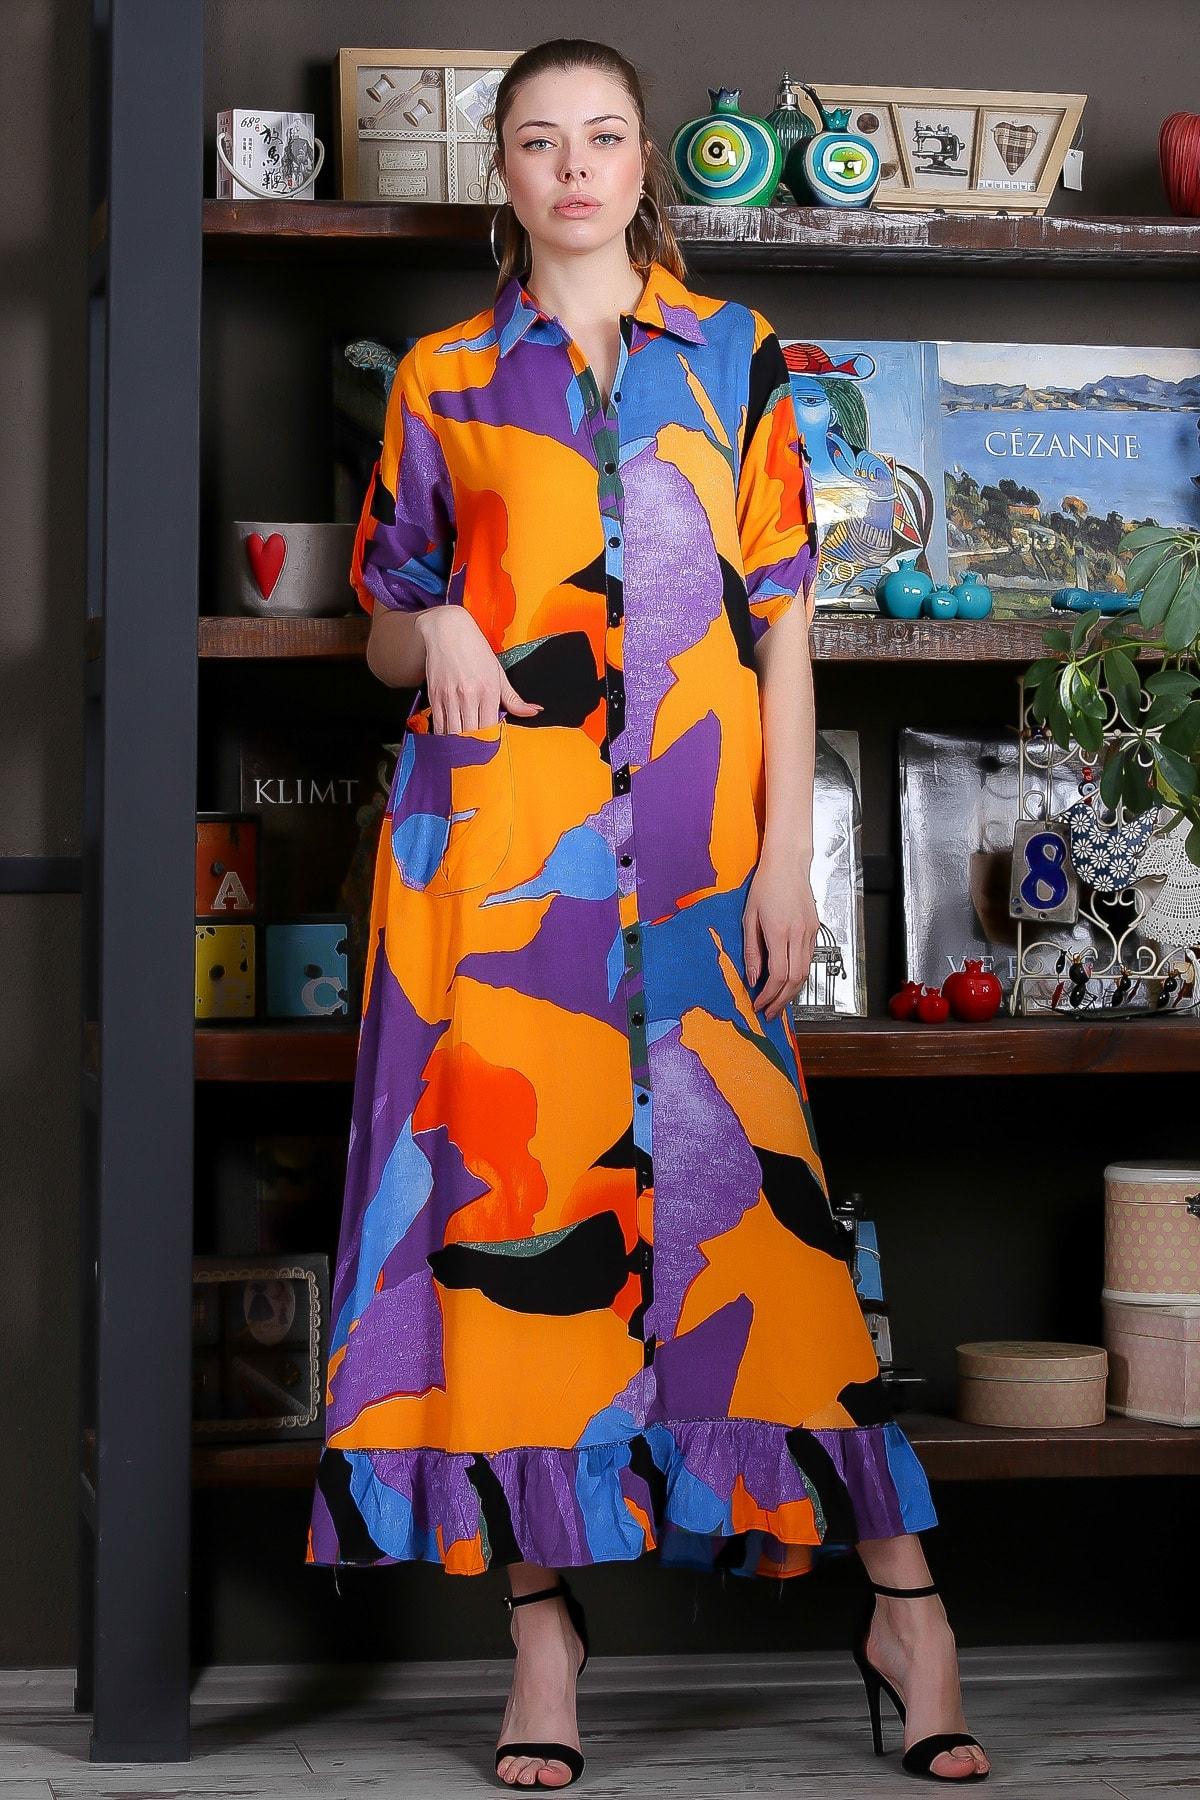 Chiccy Kadın Turuncu-Mavi Kübist Desen Düğme Detaylı Etek Ucu Fırfırlı Uzun Gömlek Elbise M10160000EL95462 2